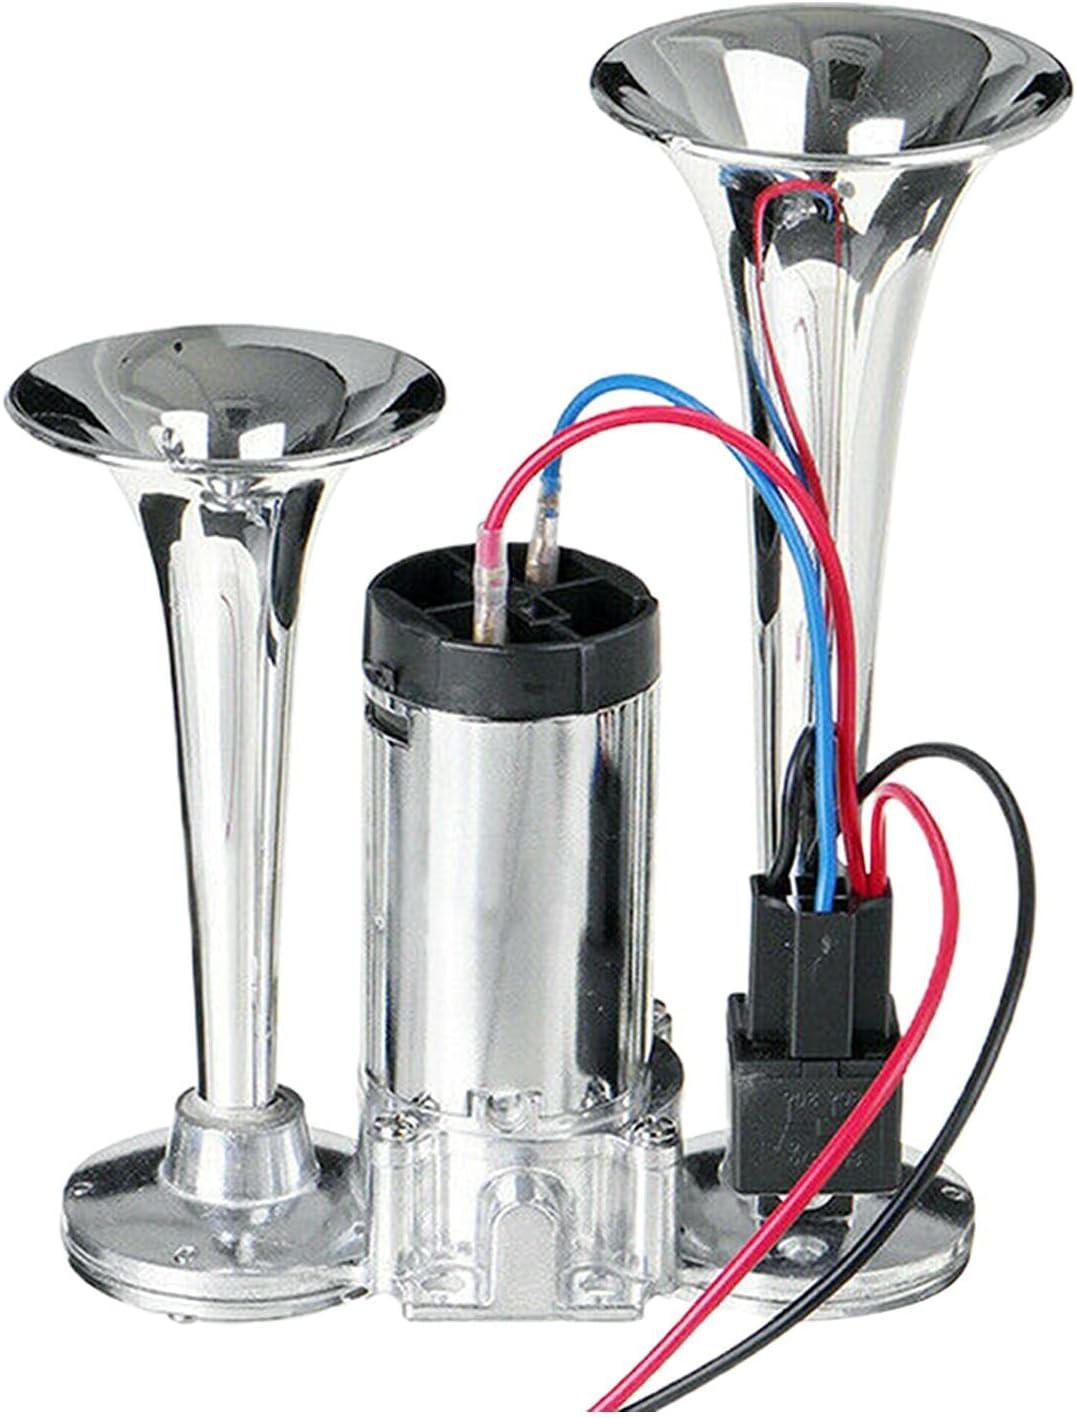 Glum 600DB Brand Cheap Boston Mall Sale Venue 12V Car Air Horn Trumpets Kit Zinc Truck Dual Chrome